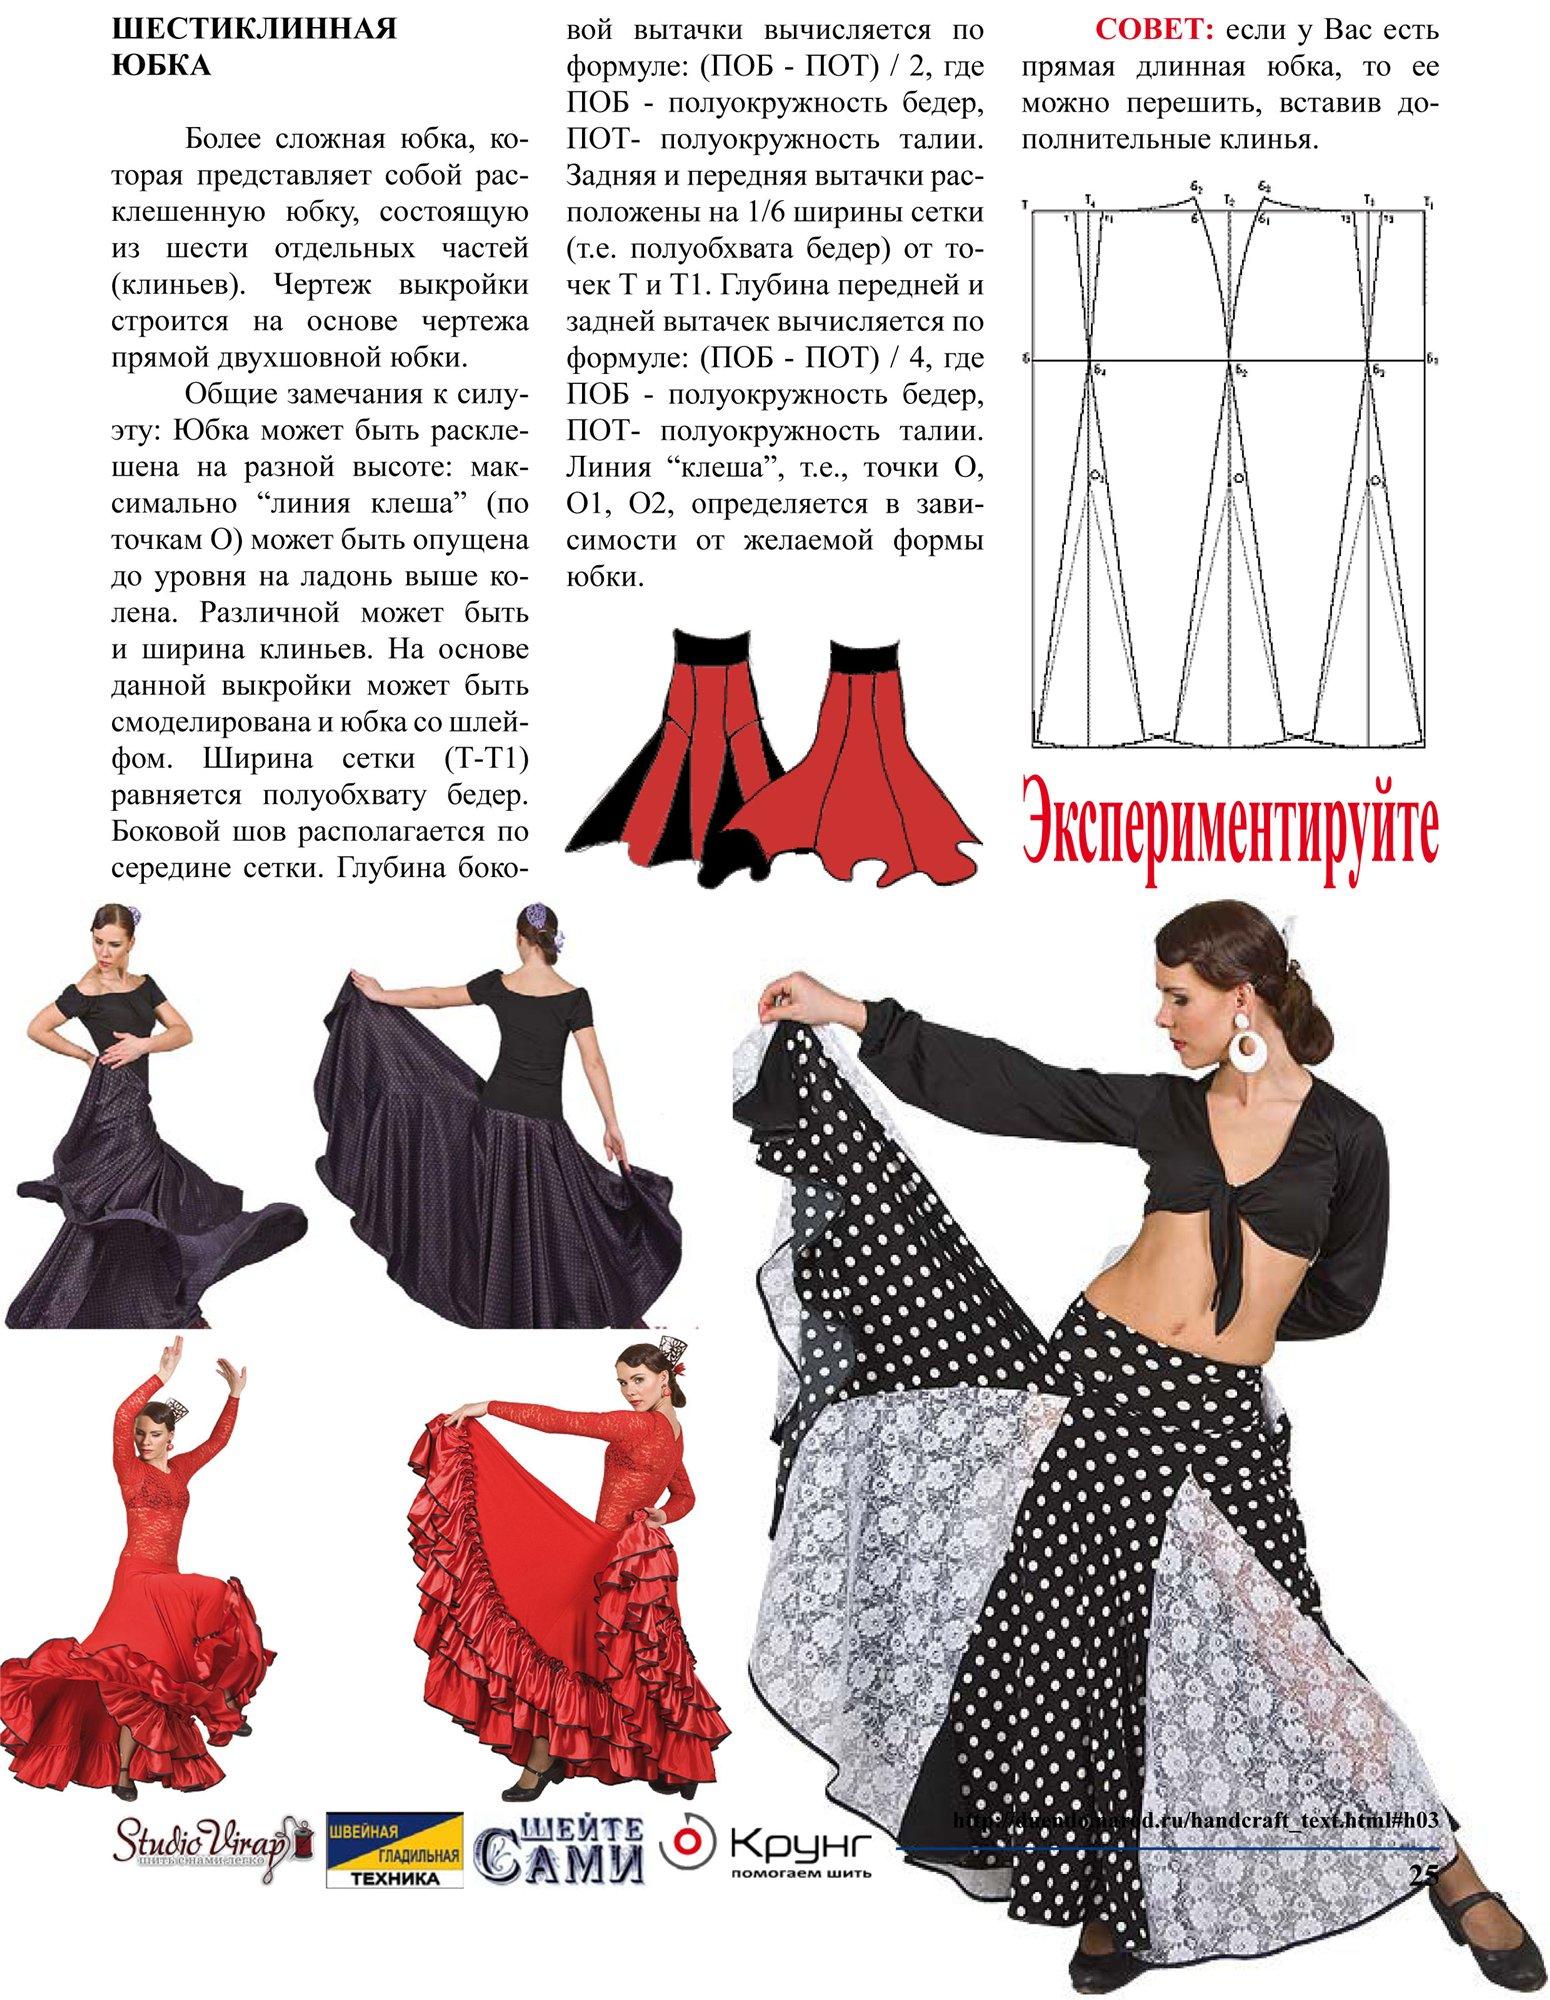 Юбка для фламенко своими руками